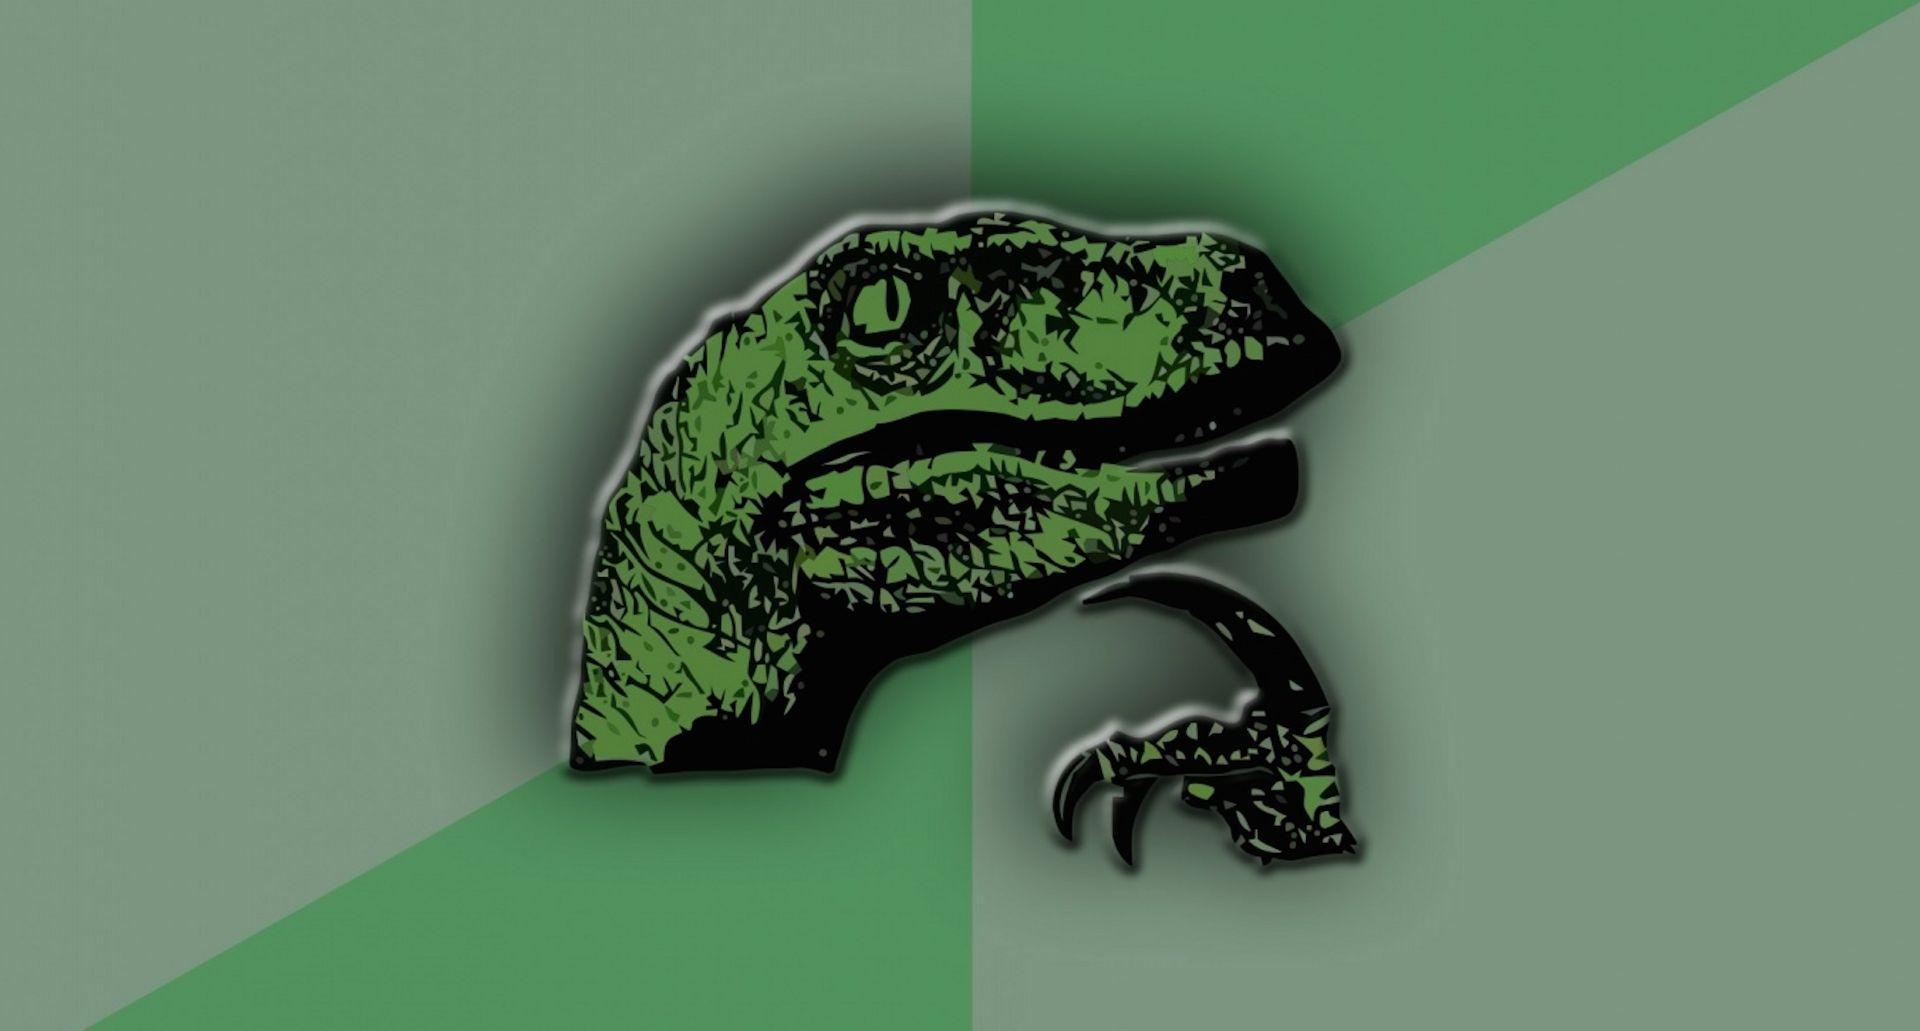 От чего вымерли динозавры